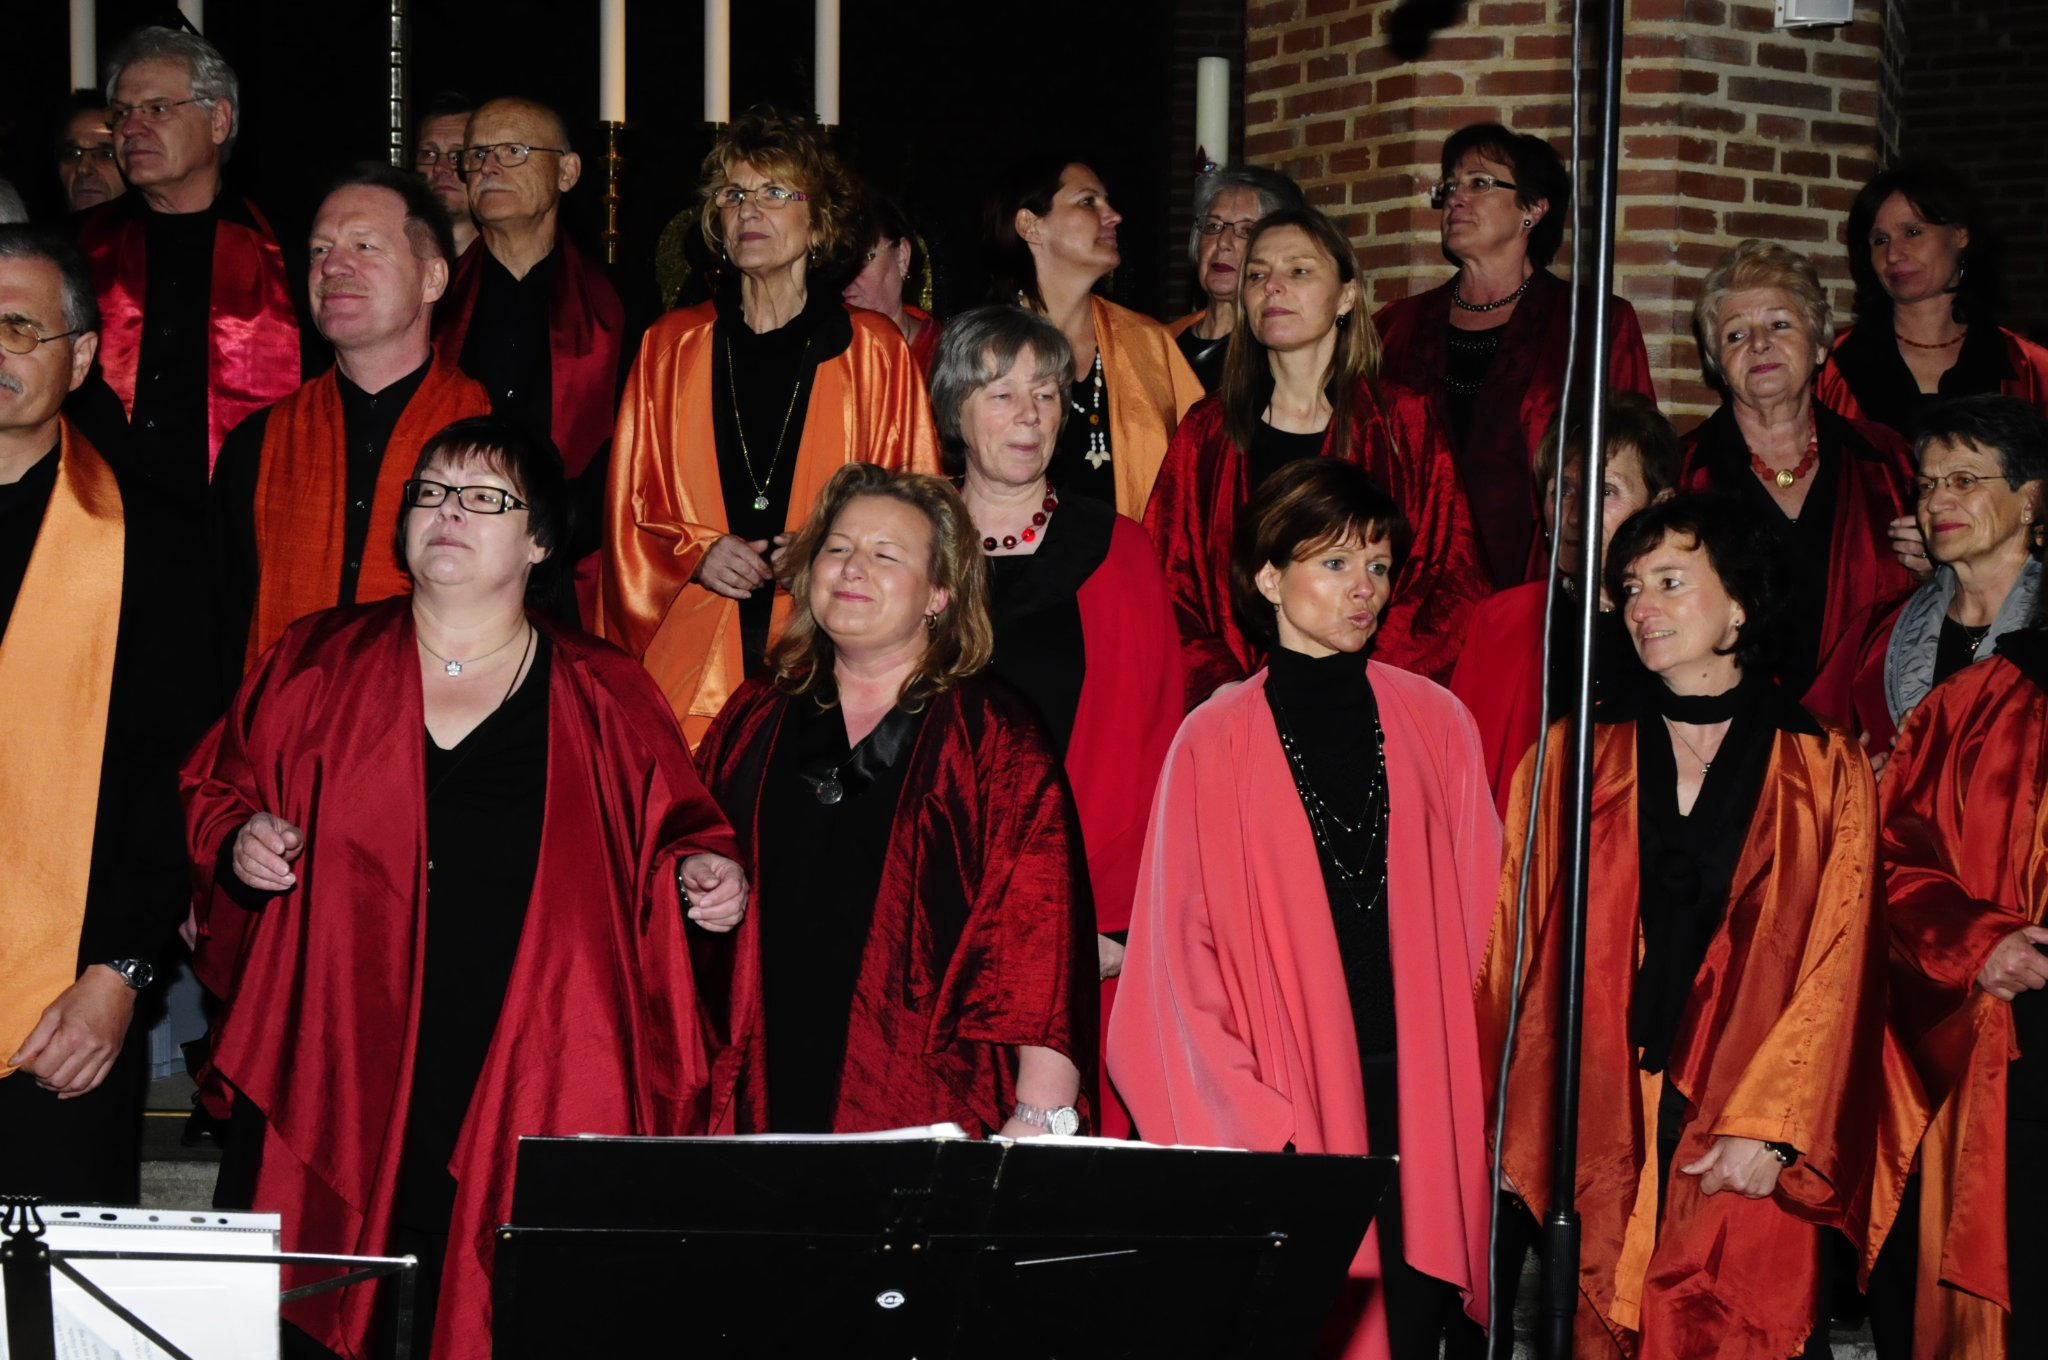 20120422 Reformations Gedaechtniskirche 066